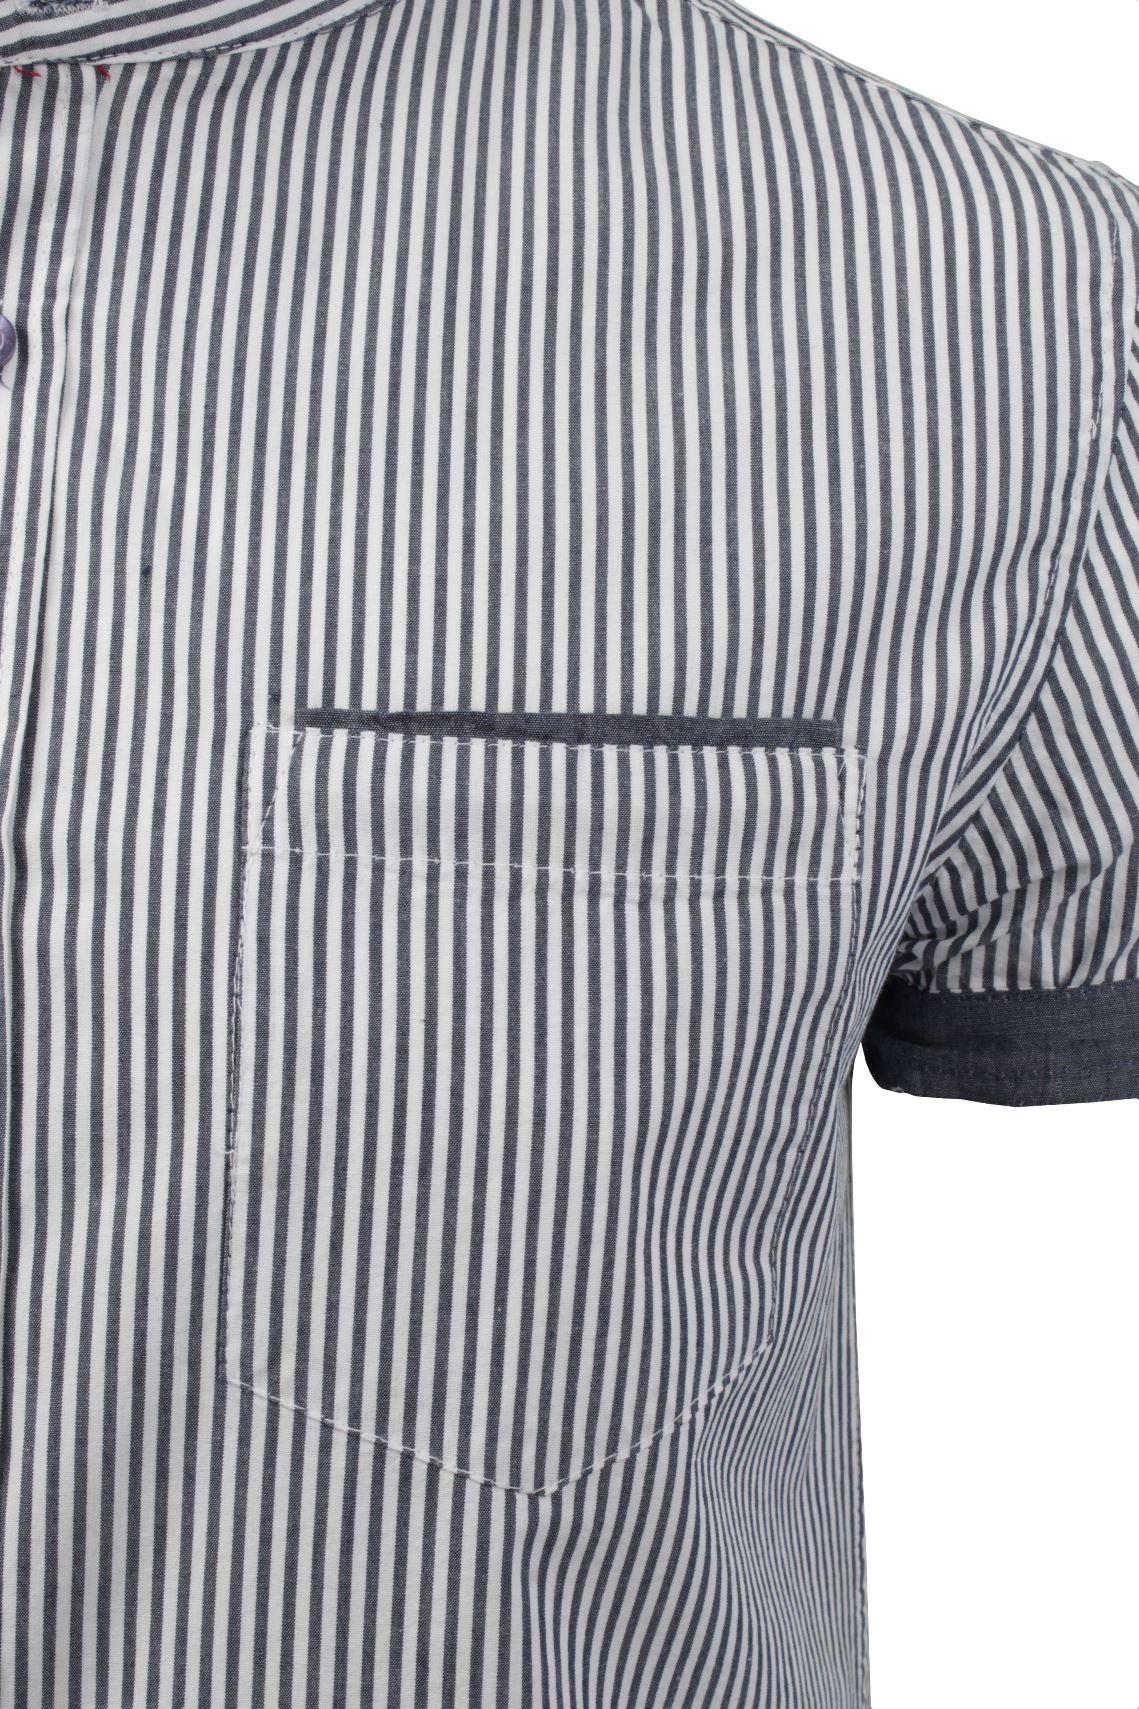 Mens short sleeved striped grandad collar shirt by brave Mens grandad collar shirt